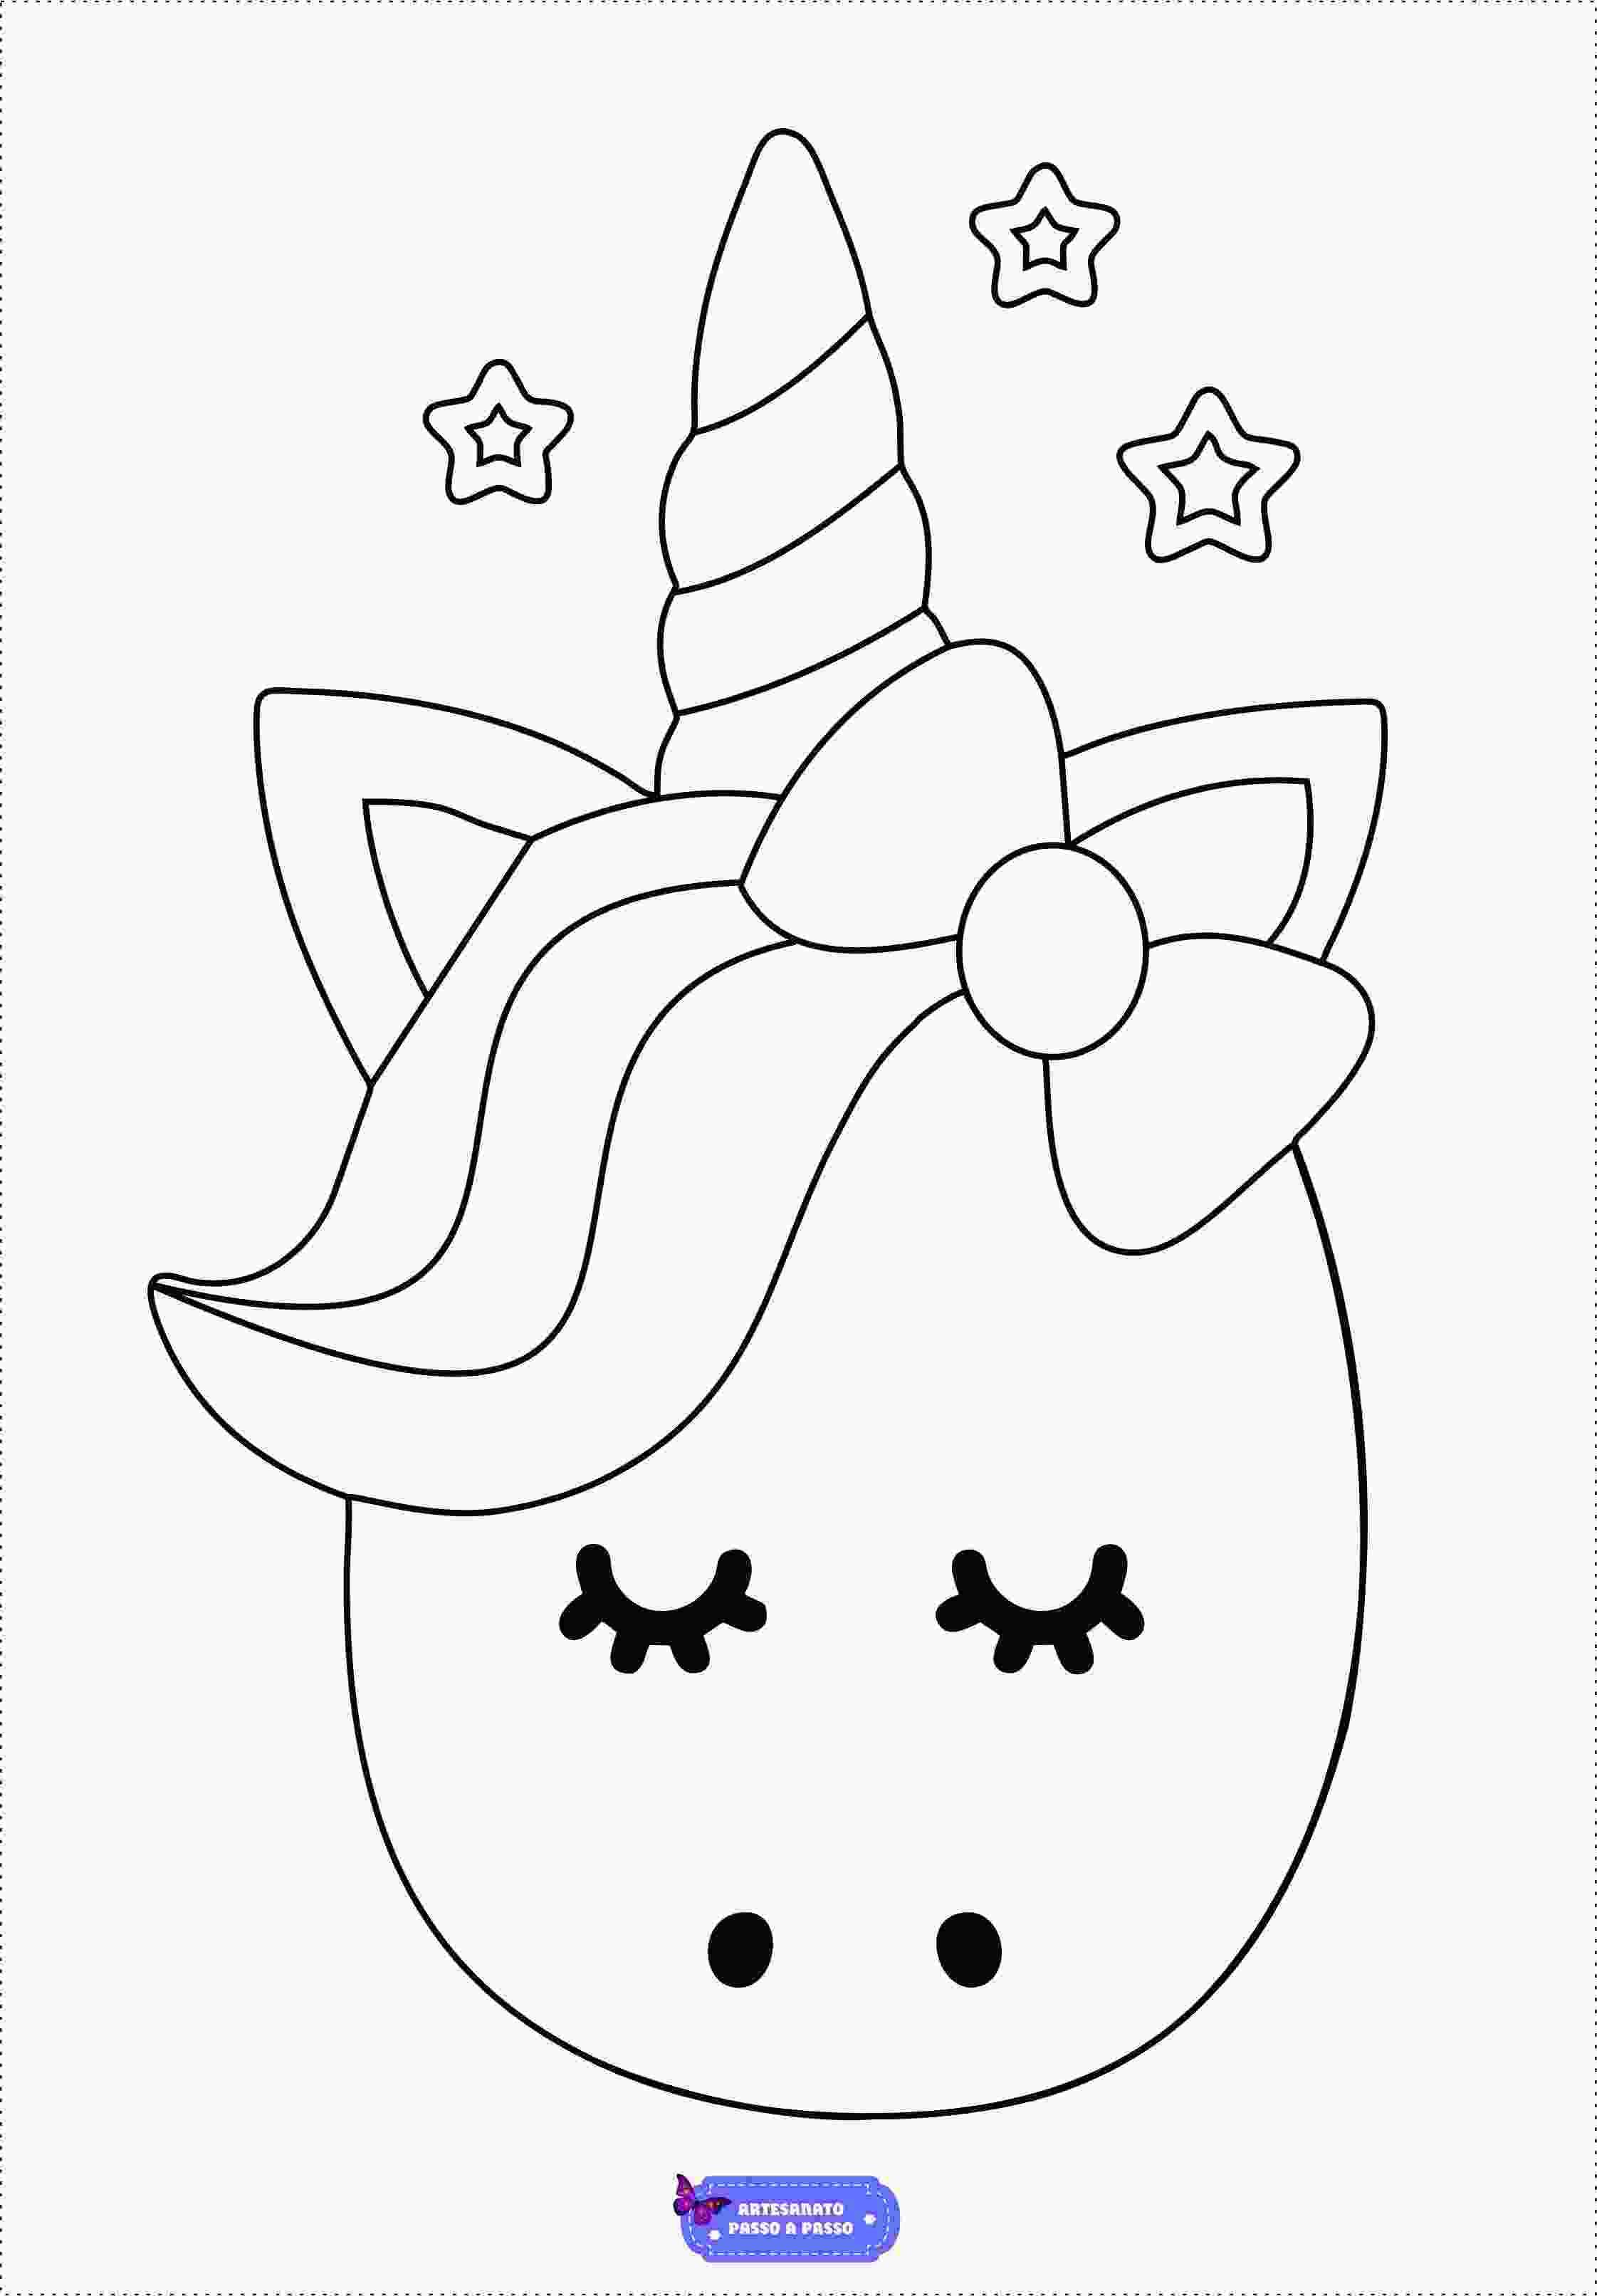 Dibujos De Unicornios Para Pintar Faciles Aprende A Dibujar